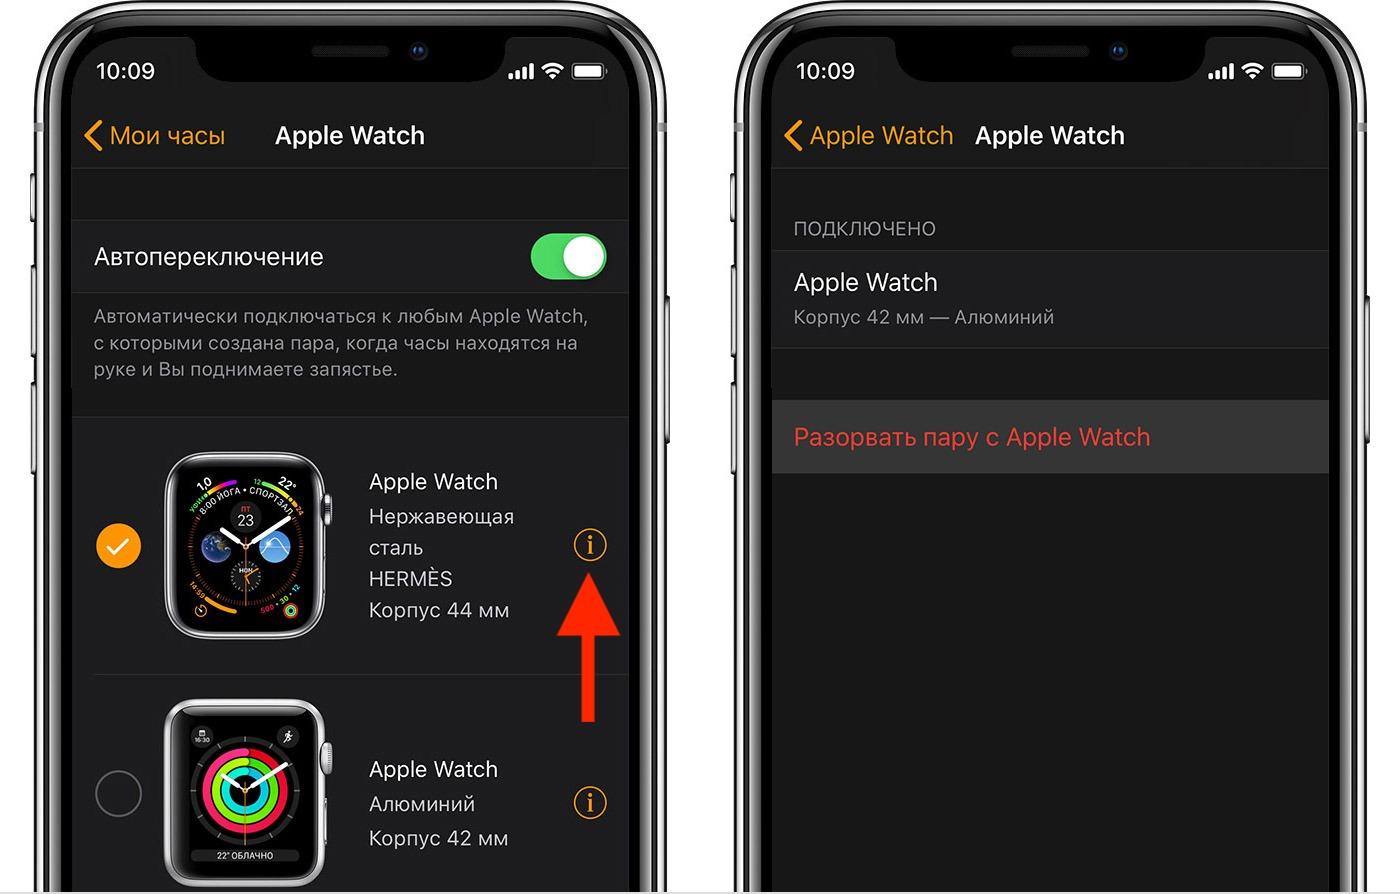 """""""i"""" - Разорвать пару с Apple Watch"""